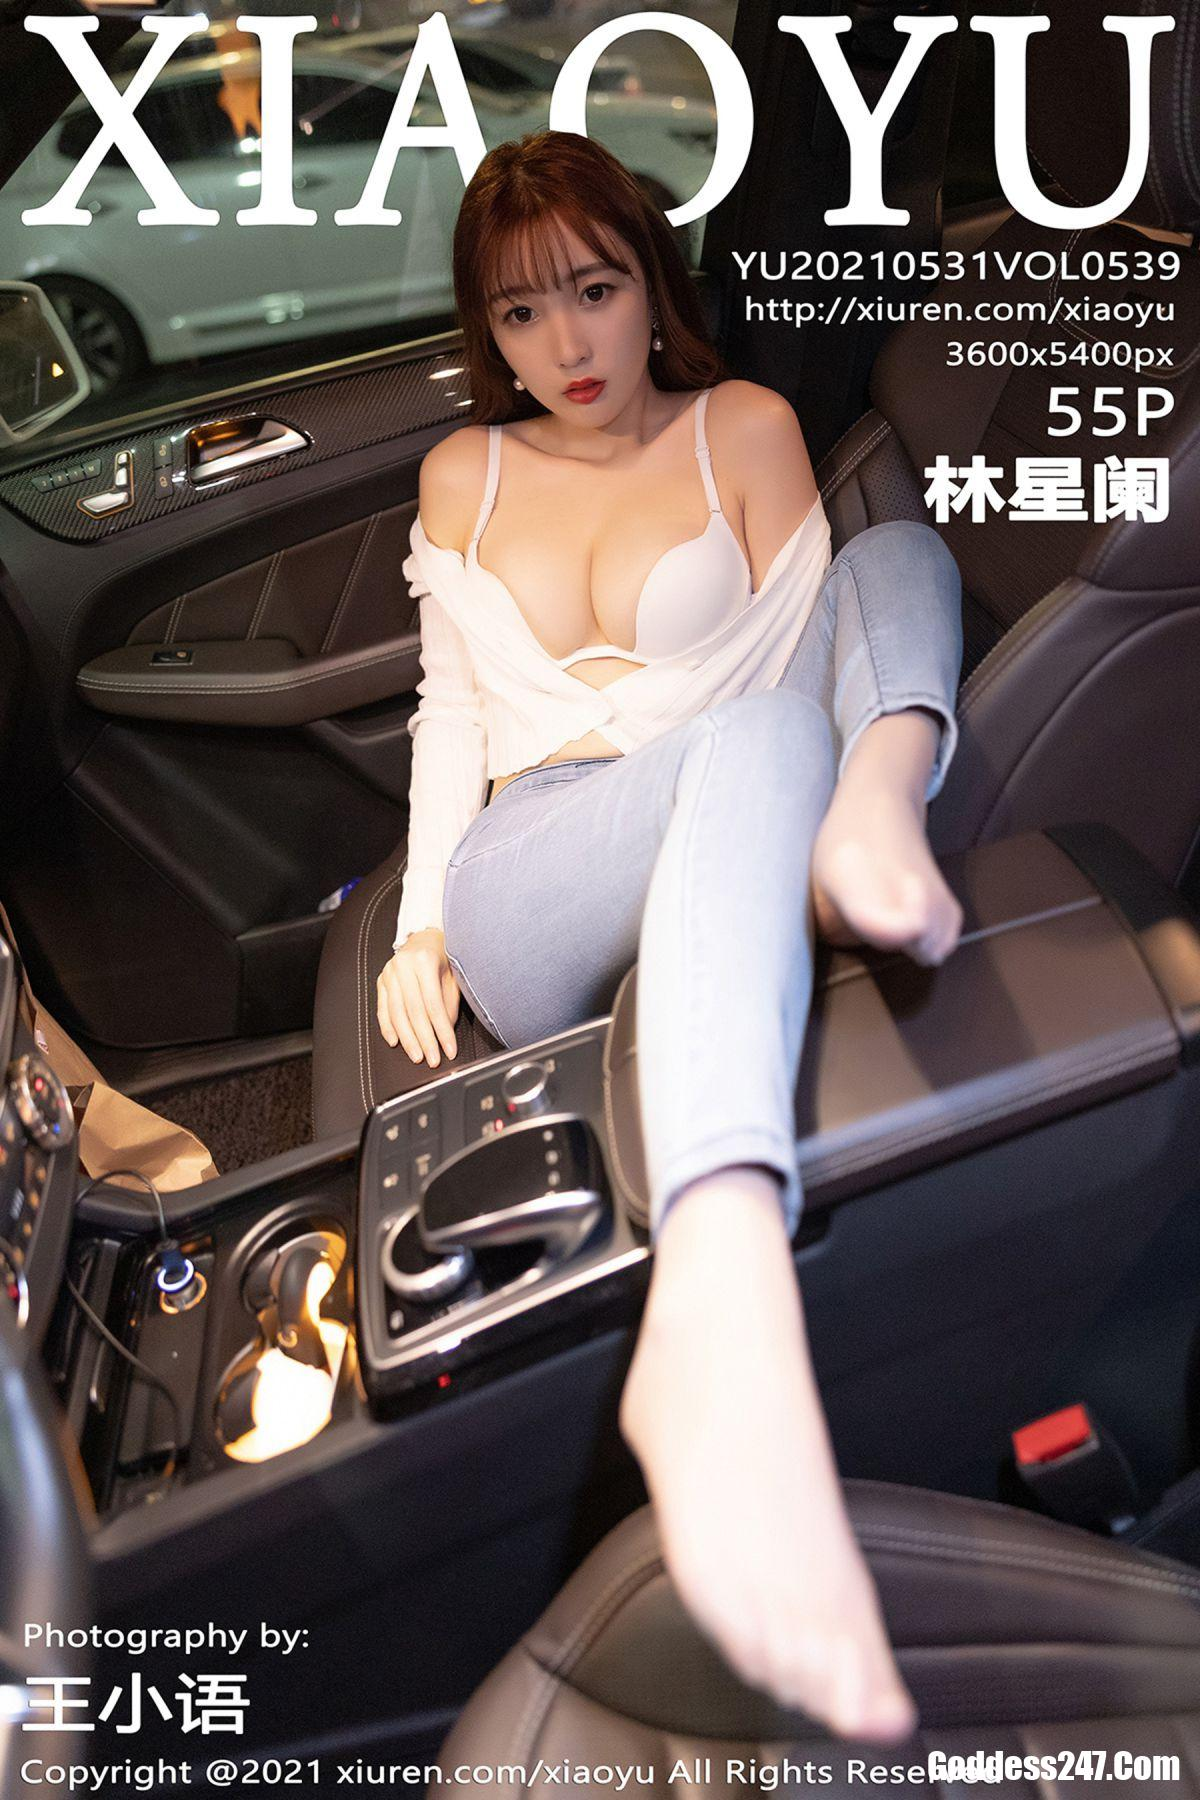 语画界 XiaoYu